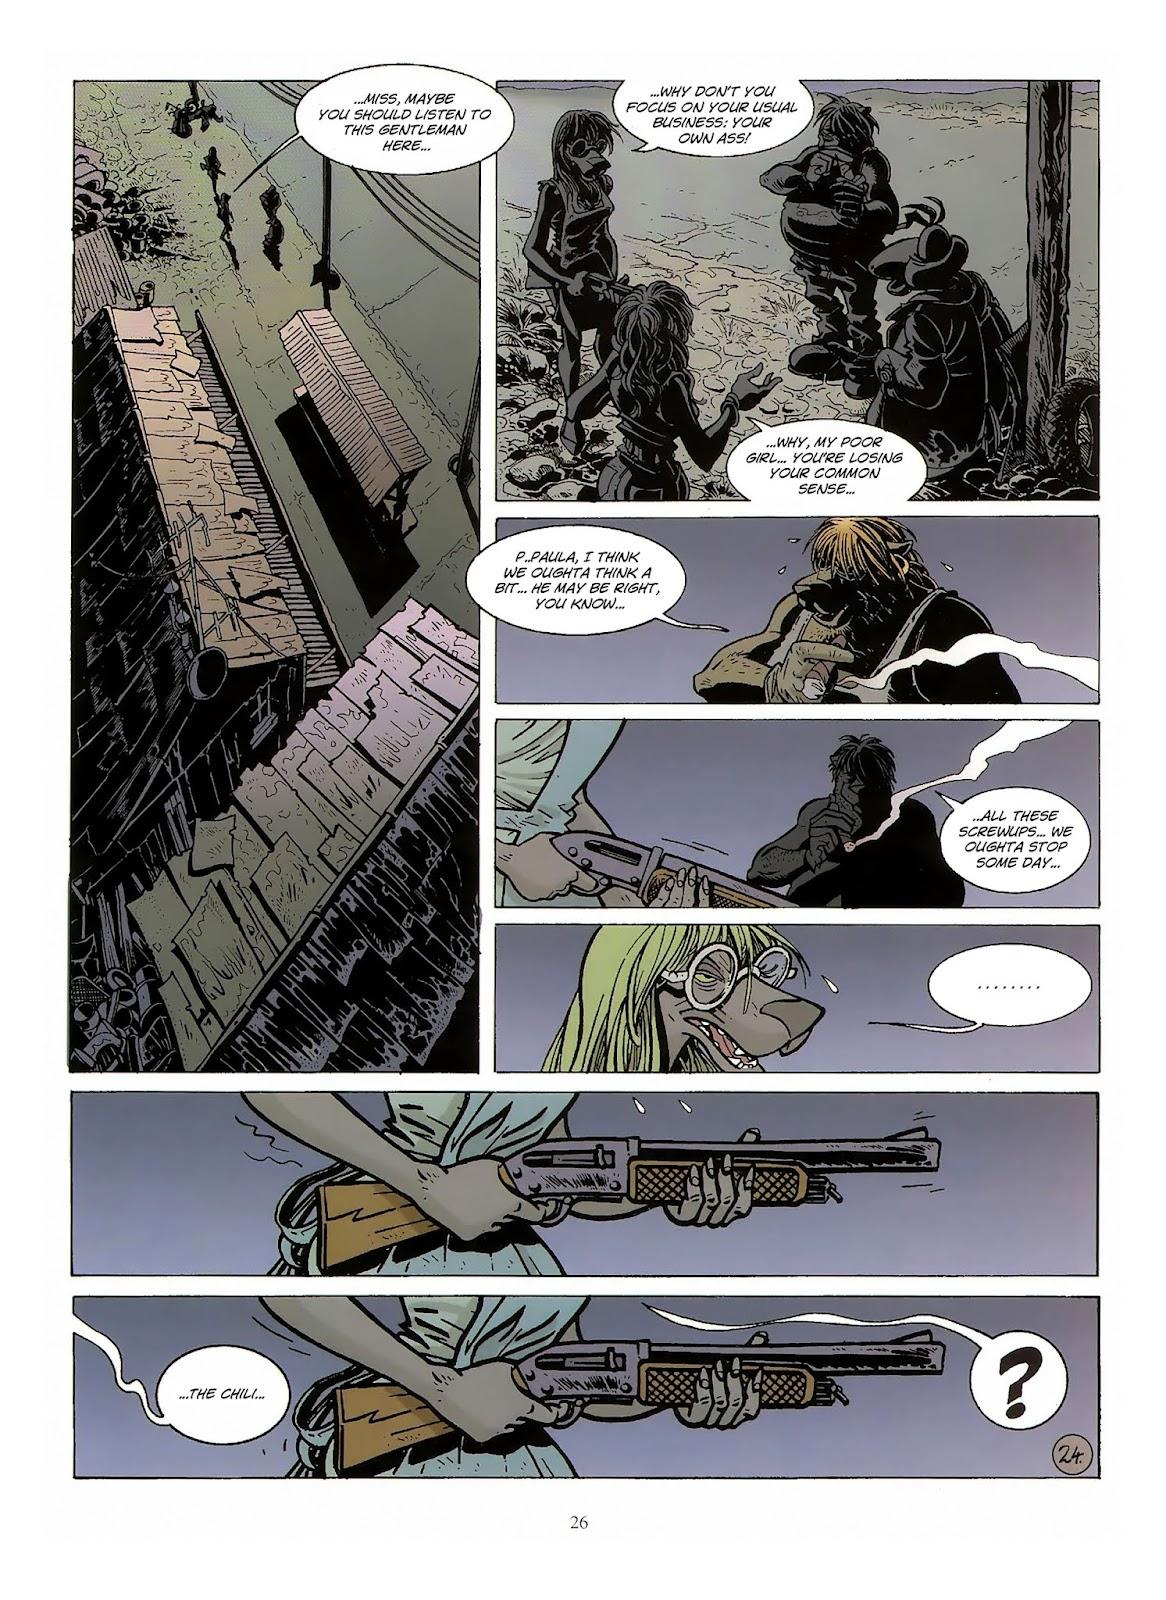 Une enquête de l'inspecteur Canardo issue 10 - Page 27